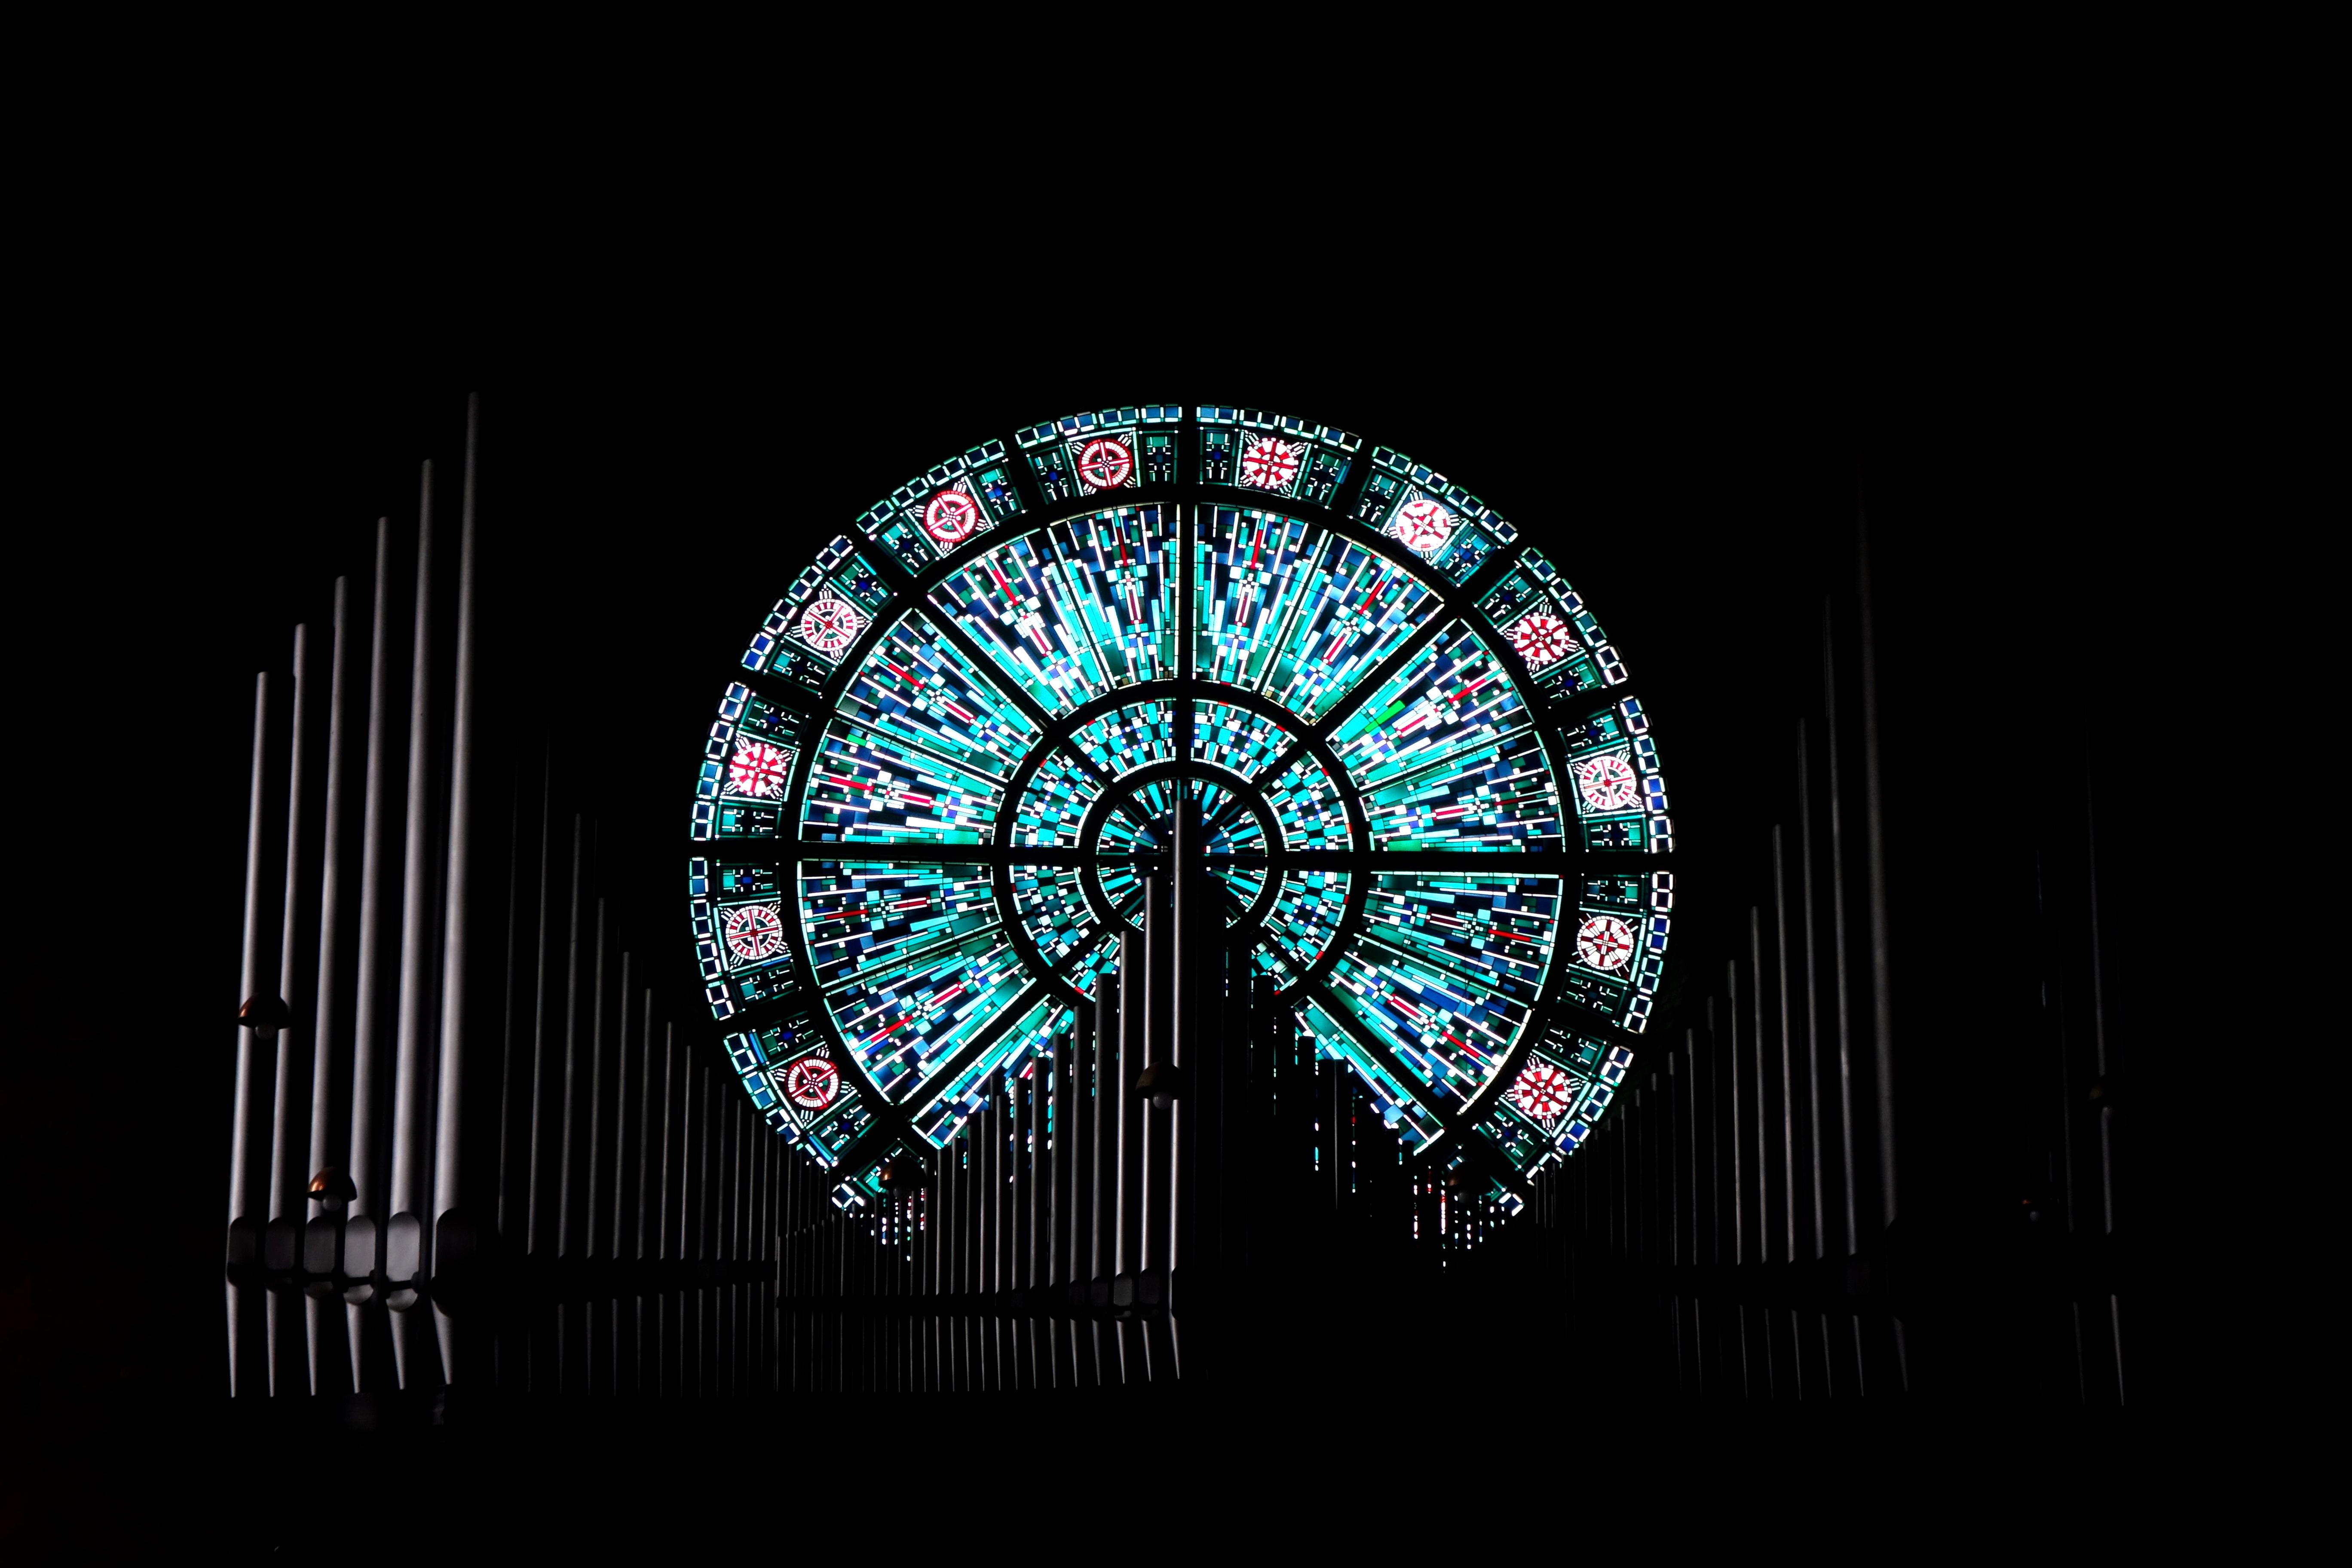 Konkurs Malowane na szkle - Kościół św. Józefa w Zabrzu - przykład zdjęcia